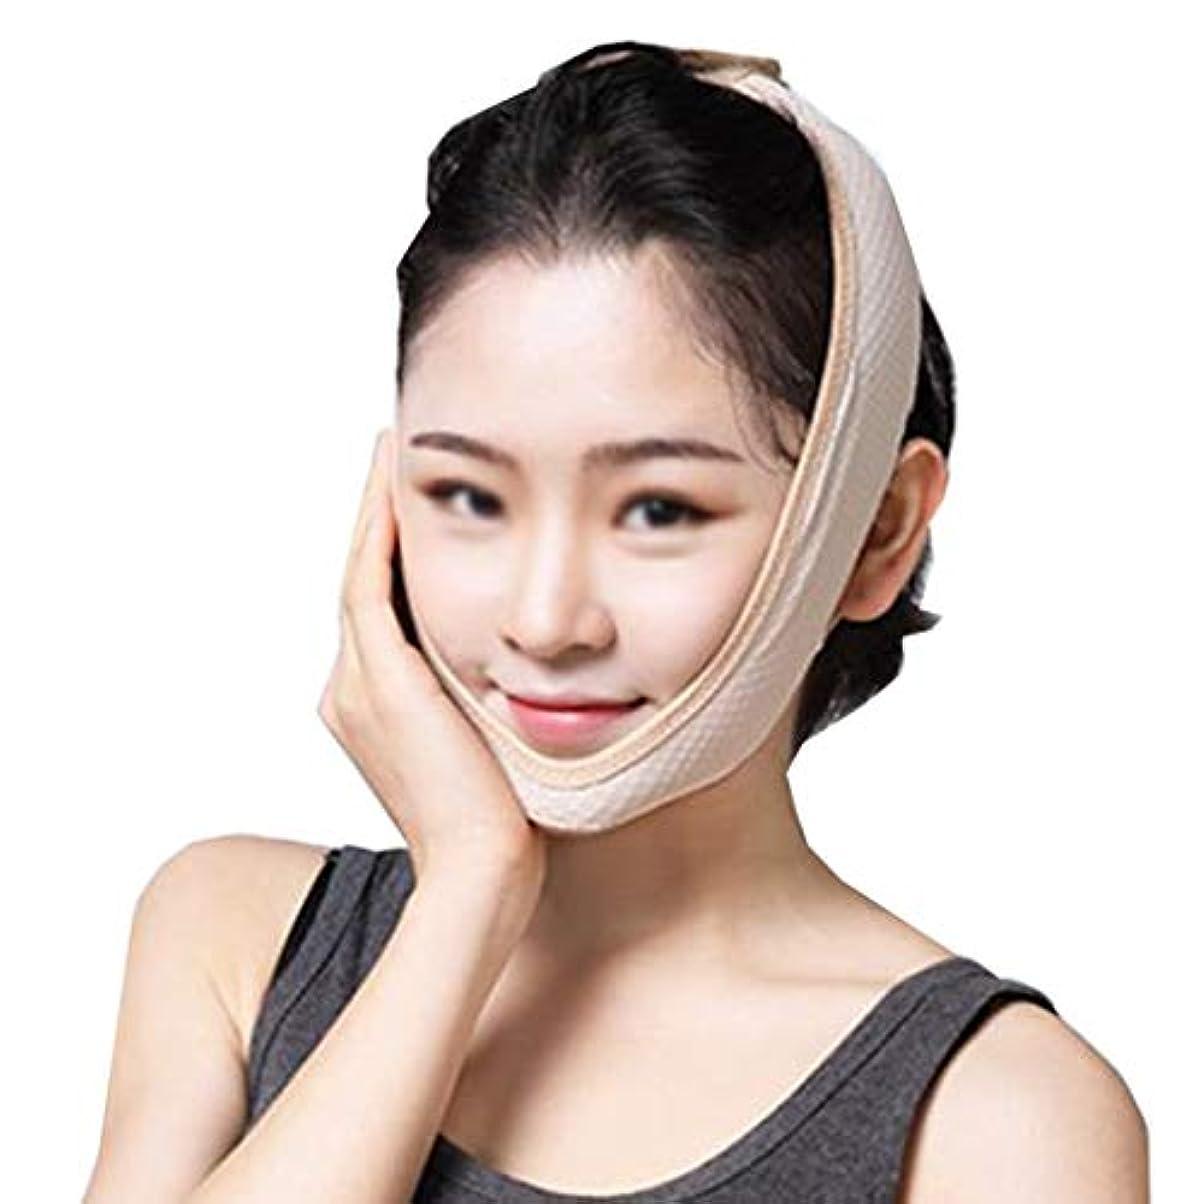 神経にやにや迷信ZWBD フェイスマスク, 薄い顔アーティファクト小さなV字型顔引き締めリフティングフェイスリフト薄いダブルチン男性と女性の包帯マスク滴下ビーズマスク